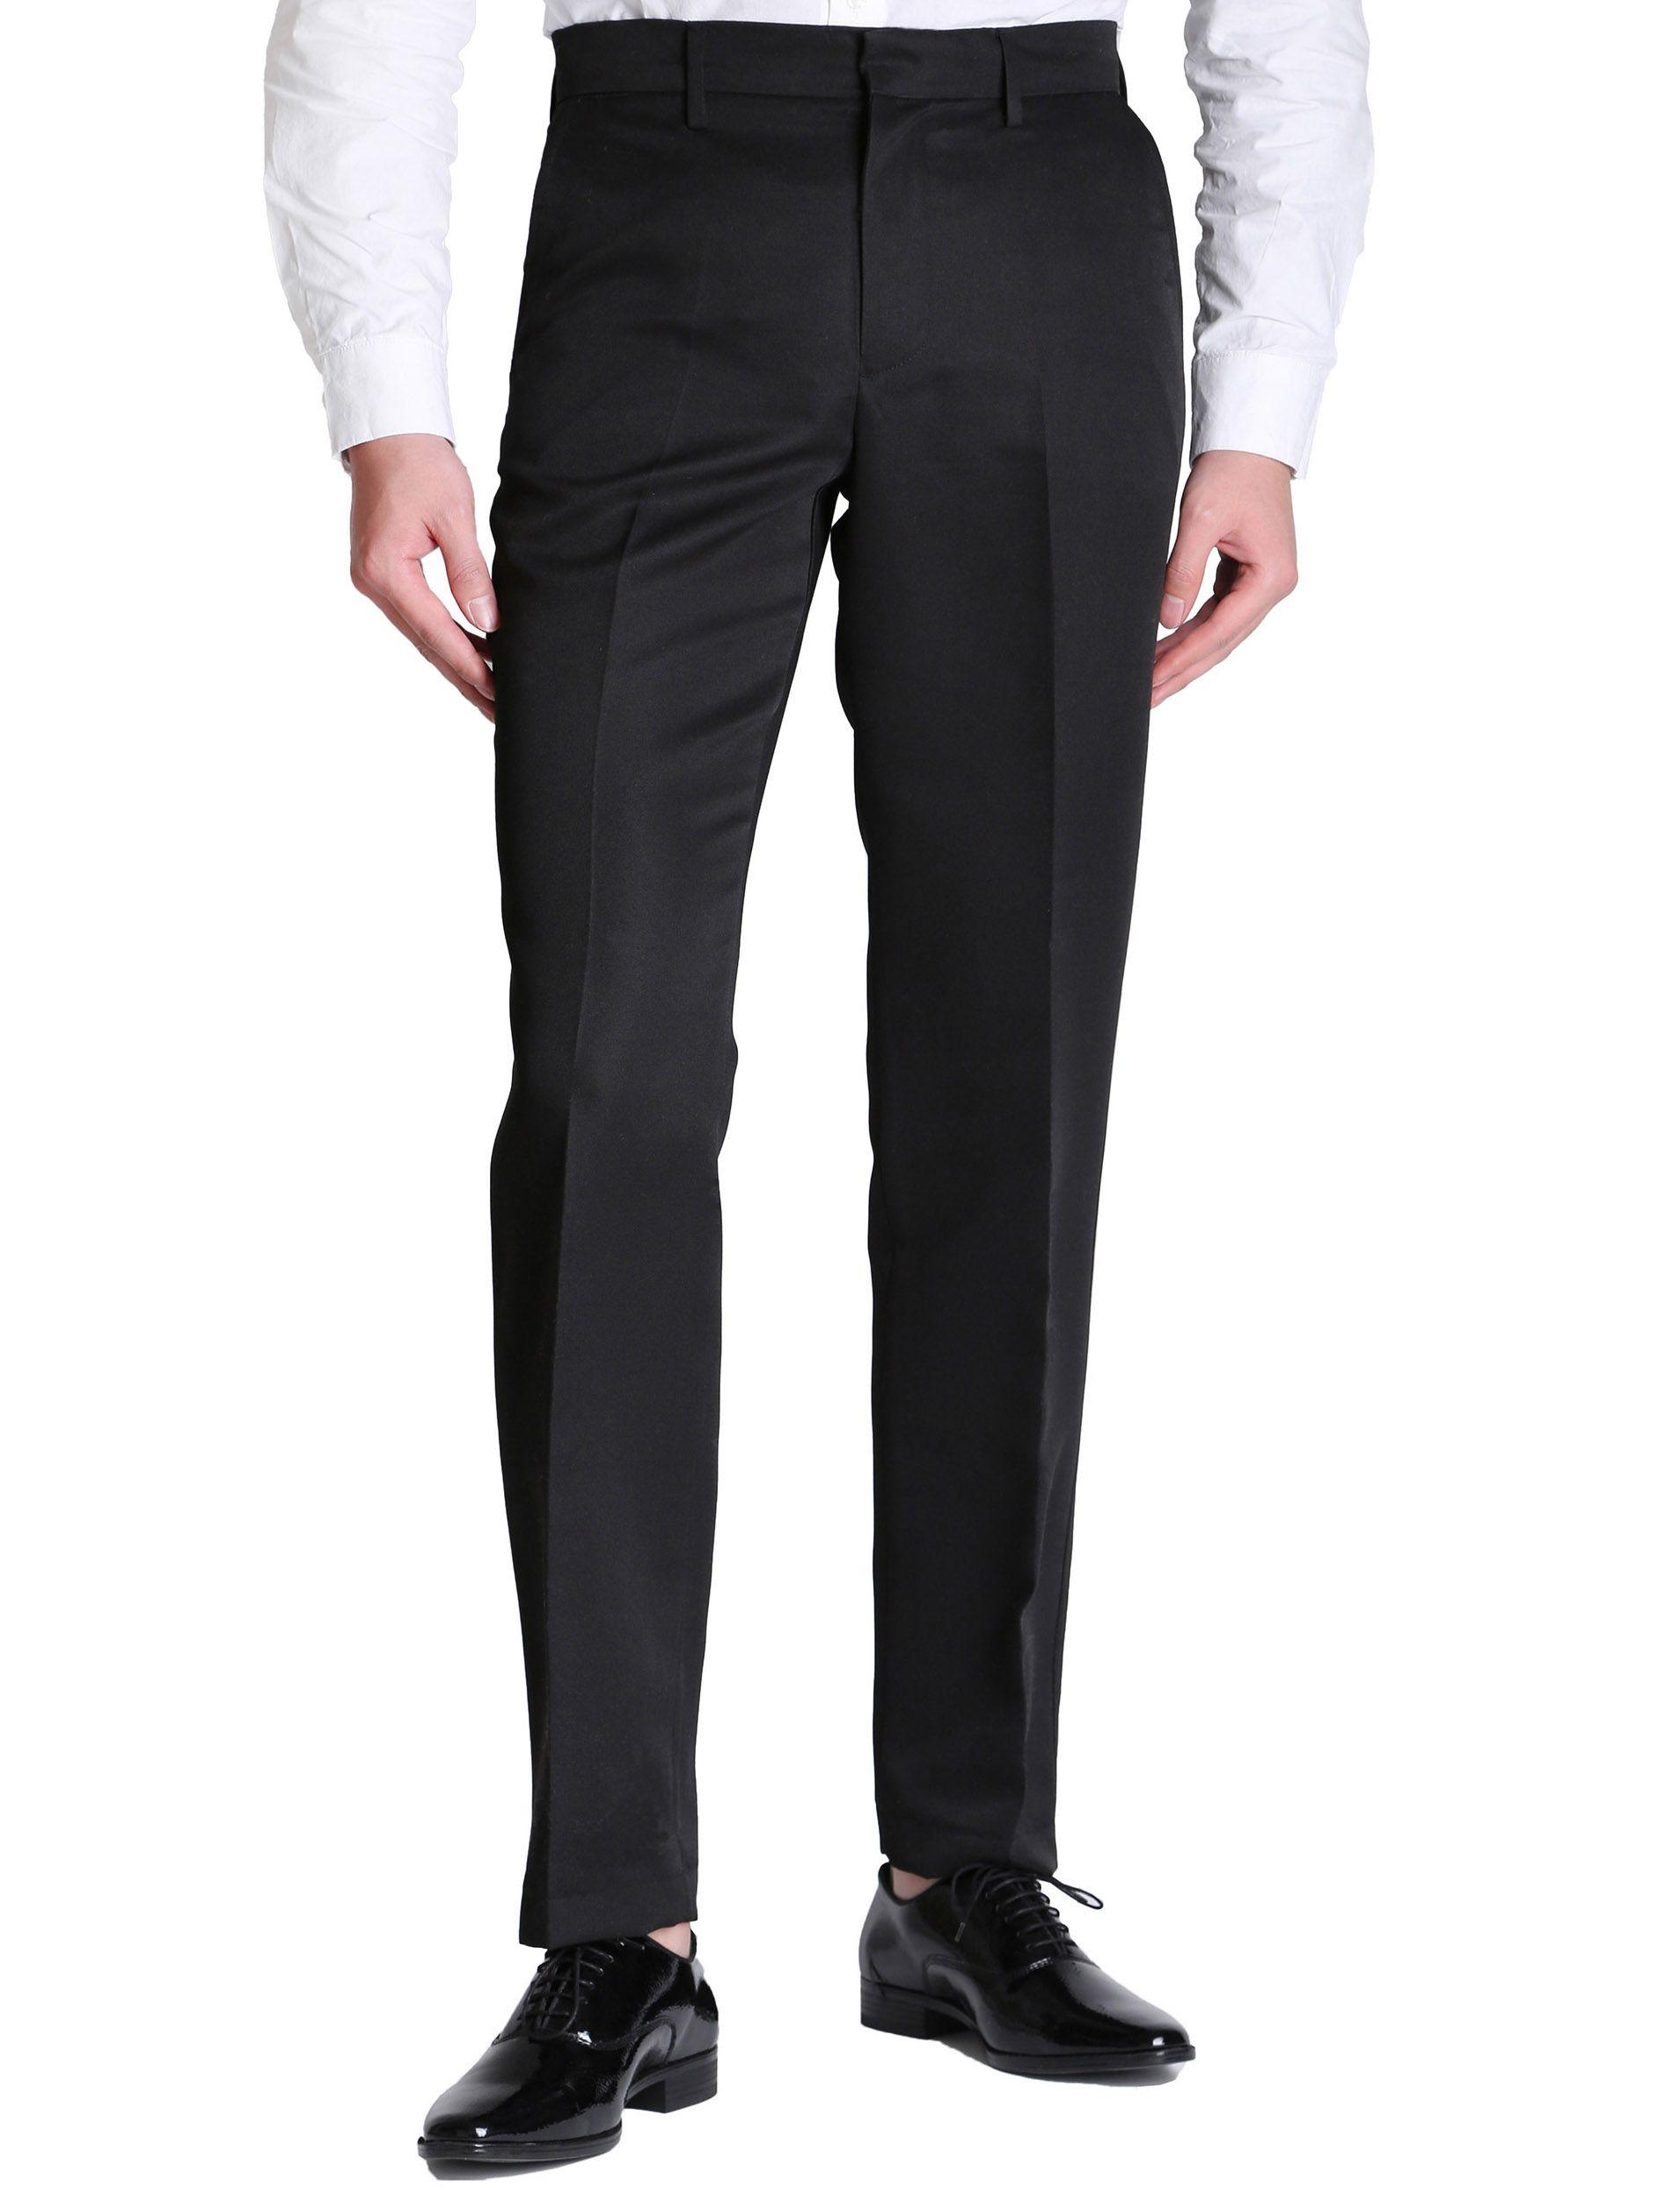 Compre Vero Viva Pantalones Rectos De Corte Recto Para Hombres Pantalones De Vestir De Negocios Pantalones Casuales A 8 58 Del Veroviva Dhgate Com